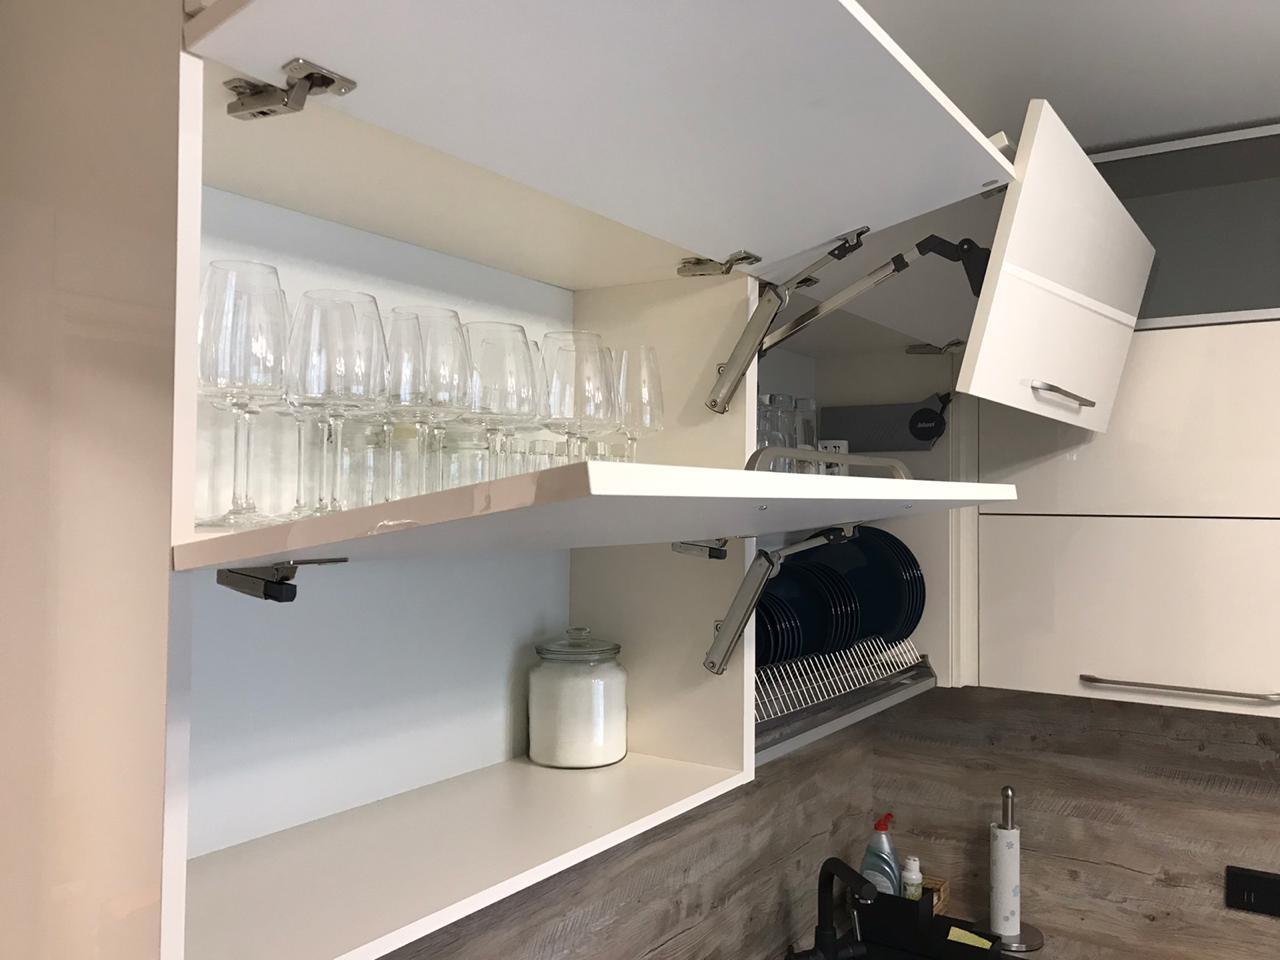 Второе фото Кухня бело серая матовая под потолок c антресолями и пеналом